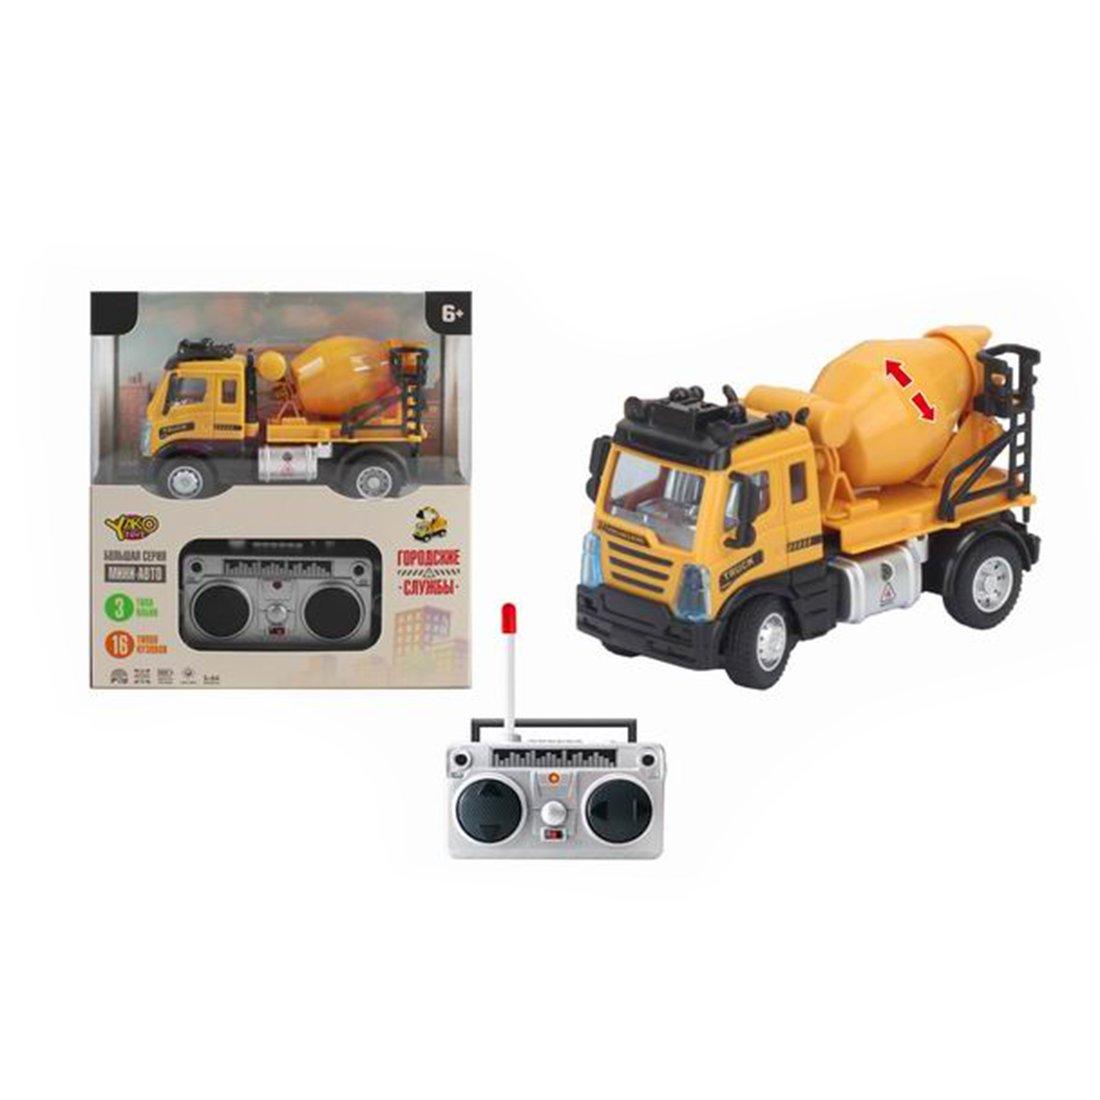 Купить 4 канала, свет, коробка, Игровой набор Наша Игрушка 4 канала, M0624-15B, Наша игрушка,